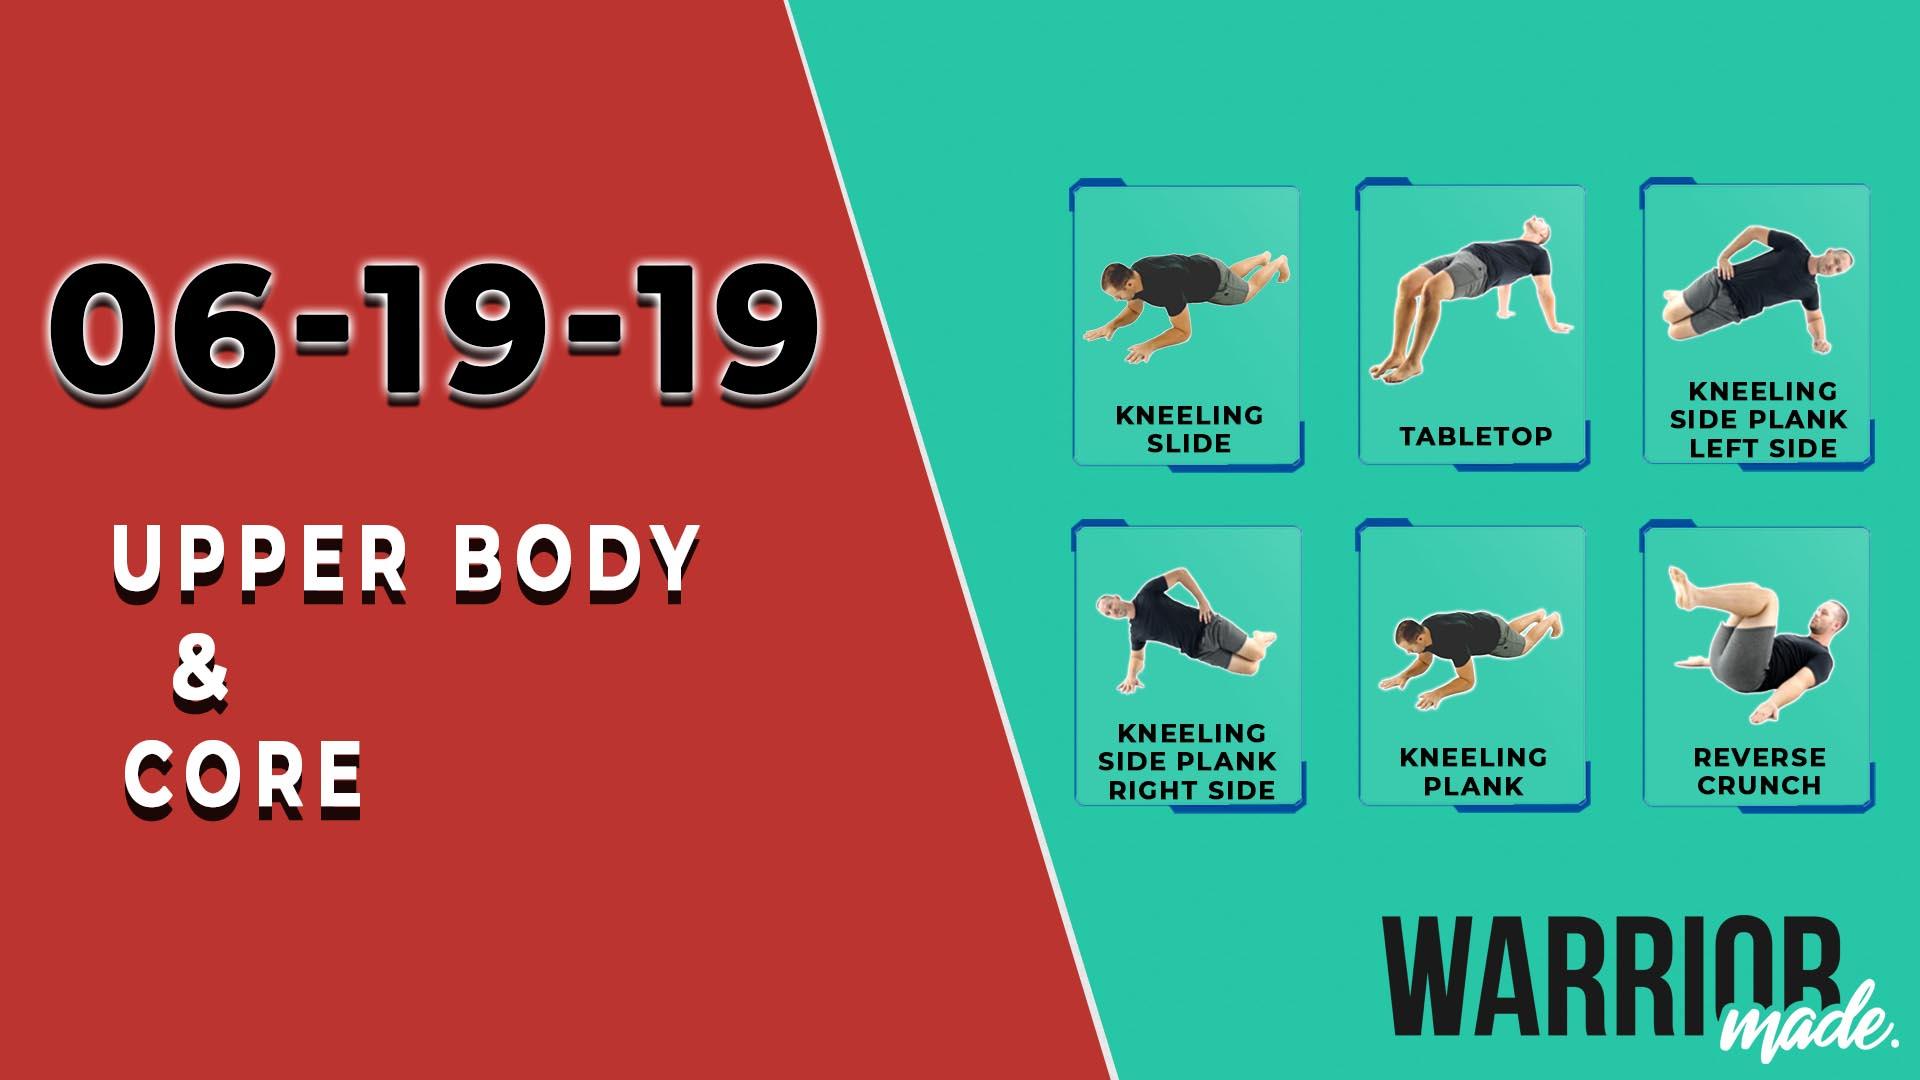 workouts-06-19-19